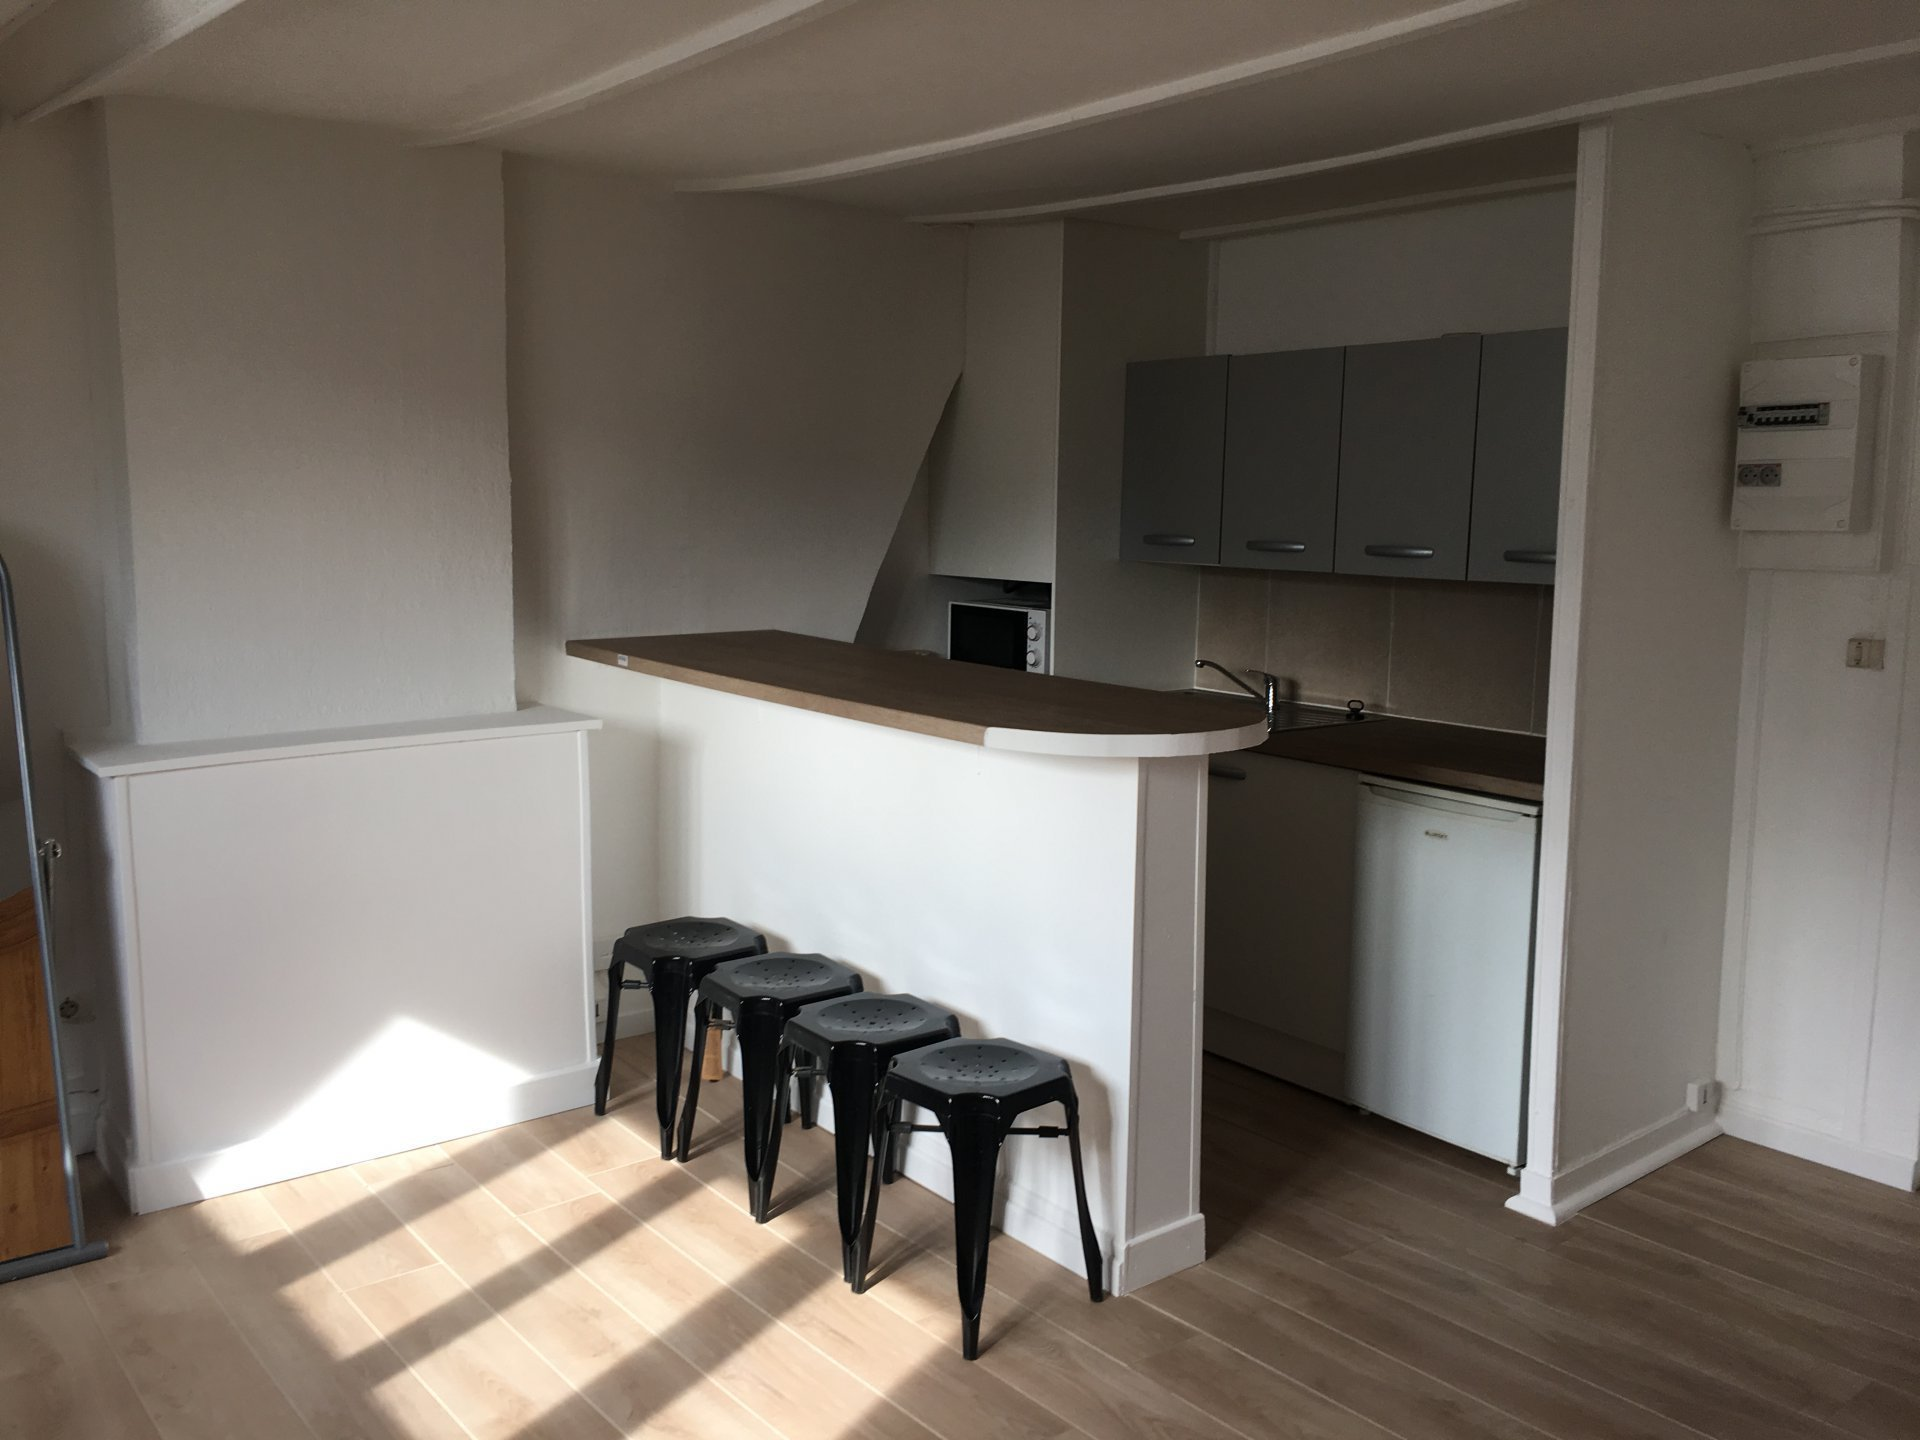 Studio meublé - 32m2 - Amiens centre